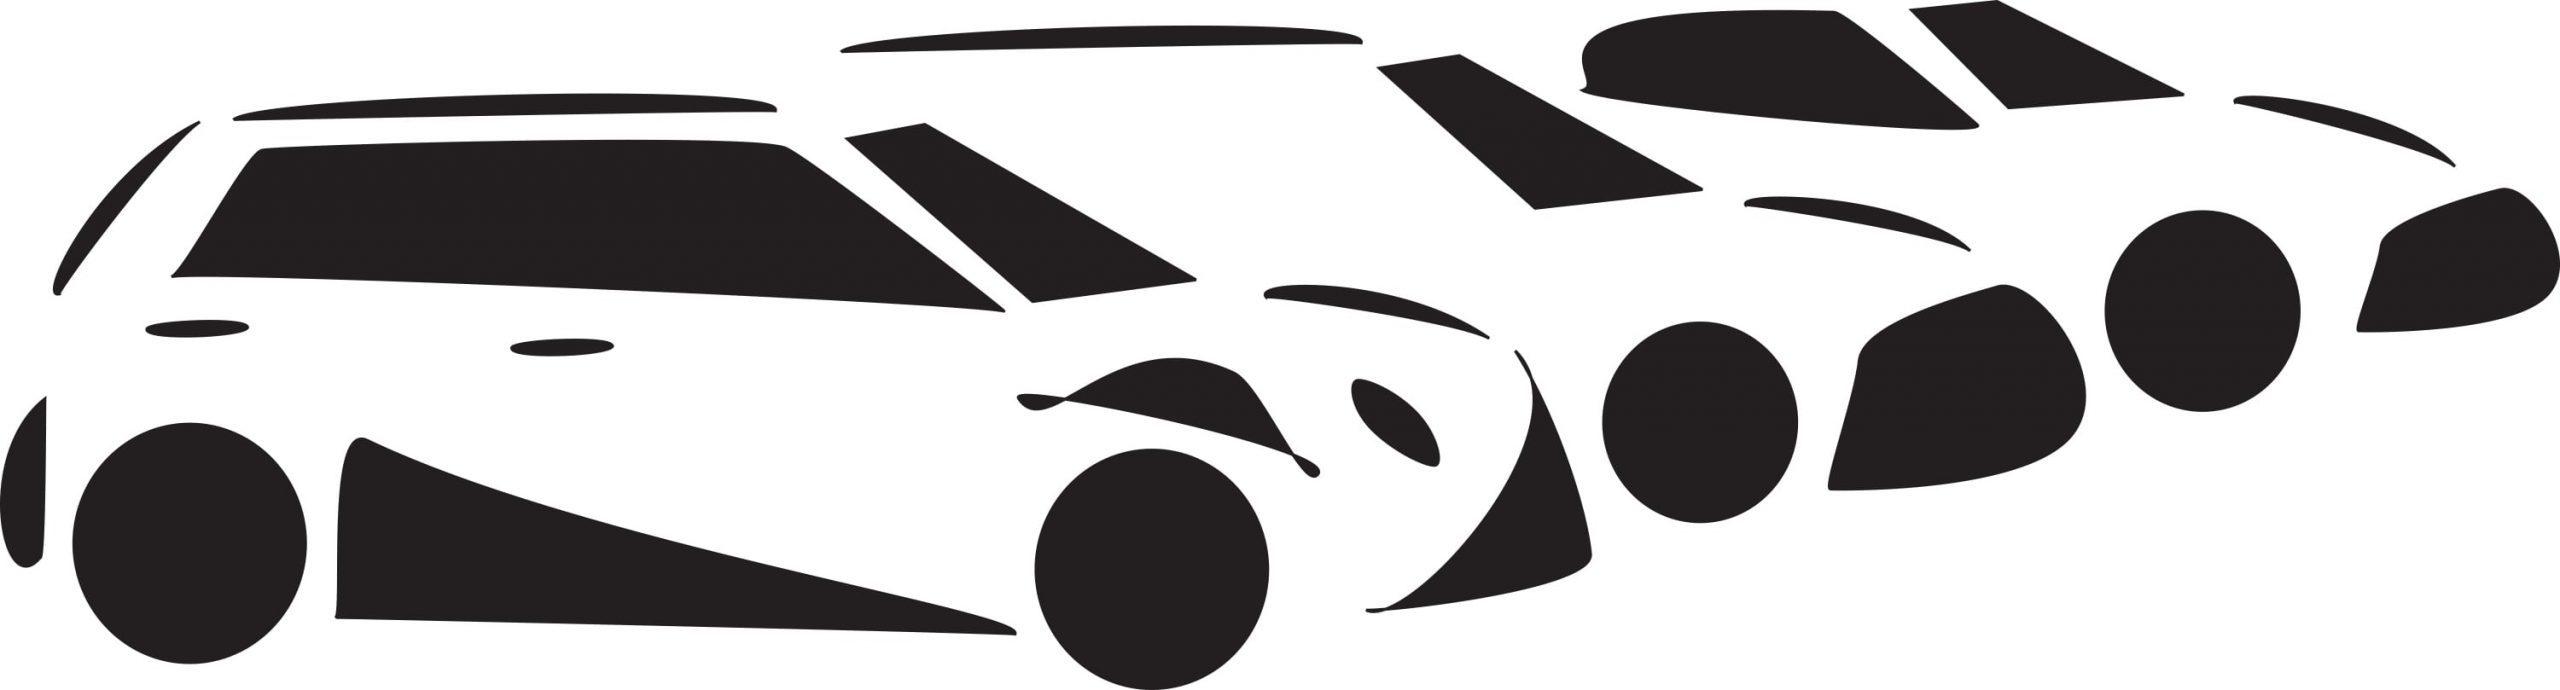 family fleet car insuarnce